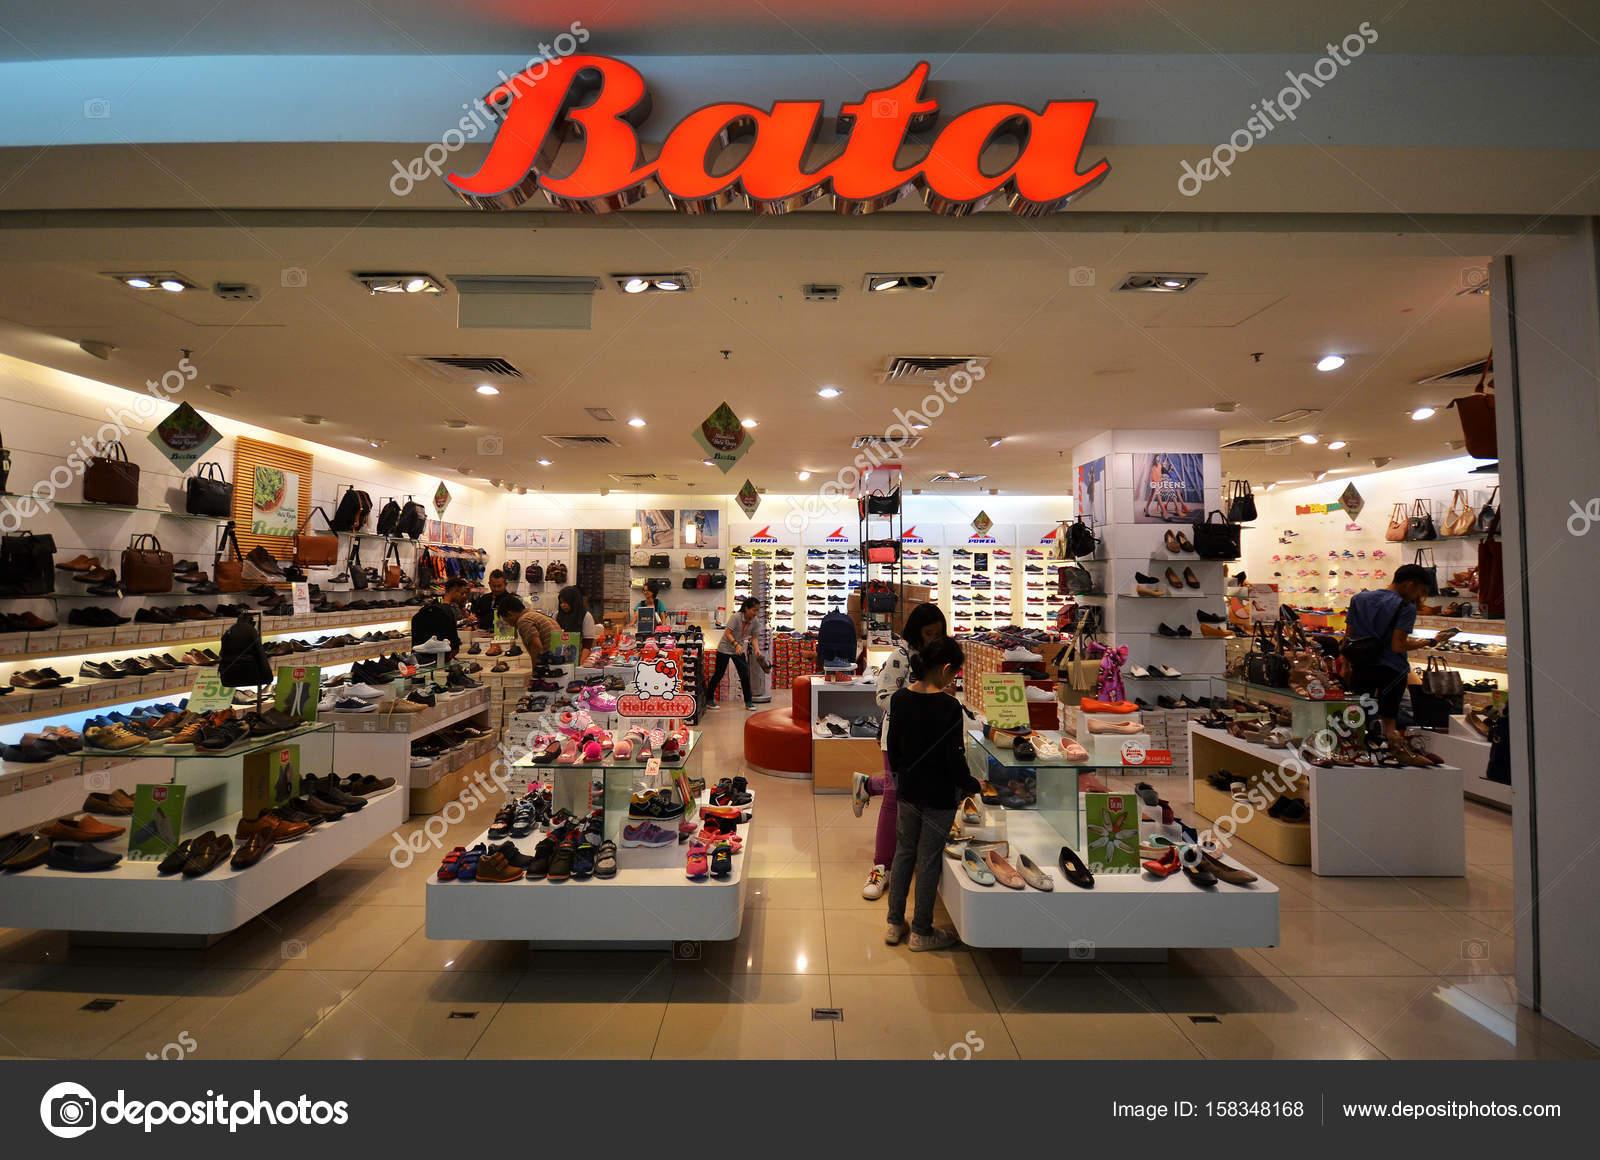 ca769853e Imágenes: tiendas de zapatos   Tienda de zapatos de moda de bata ...